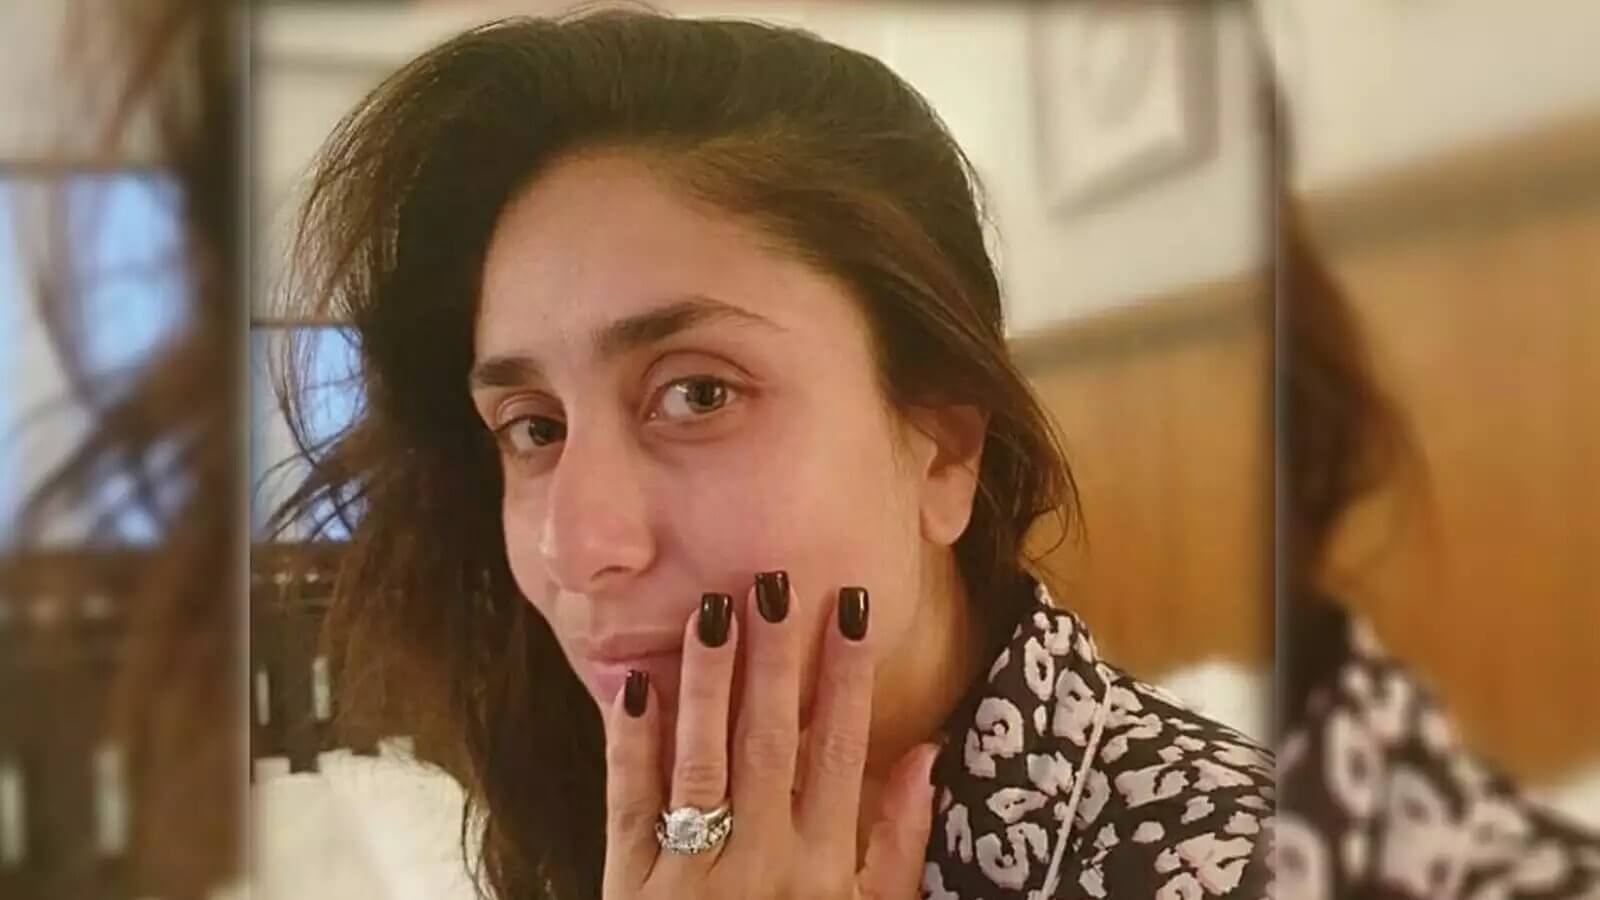 Top 10 Bollywood Actress Without Makeup Kareena Kapoor In Washroom